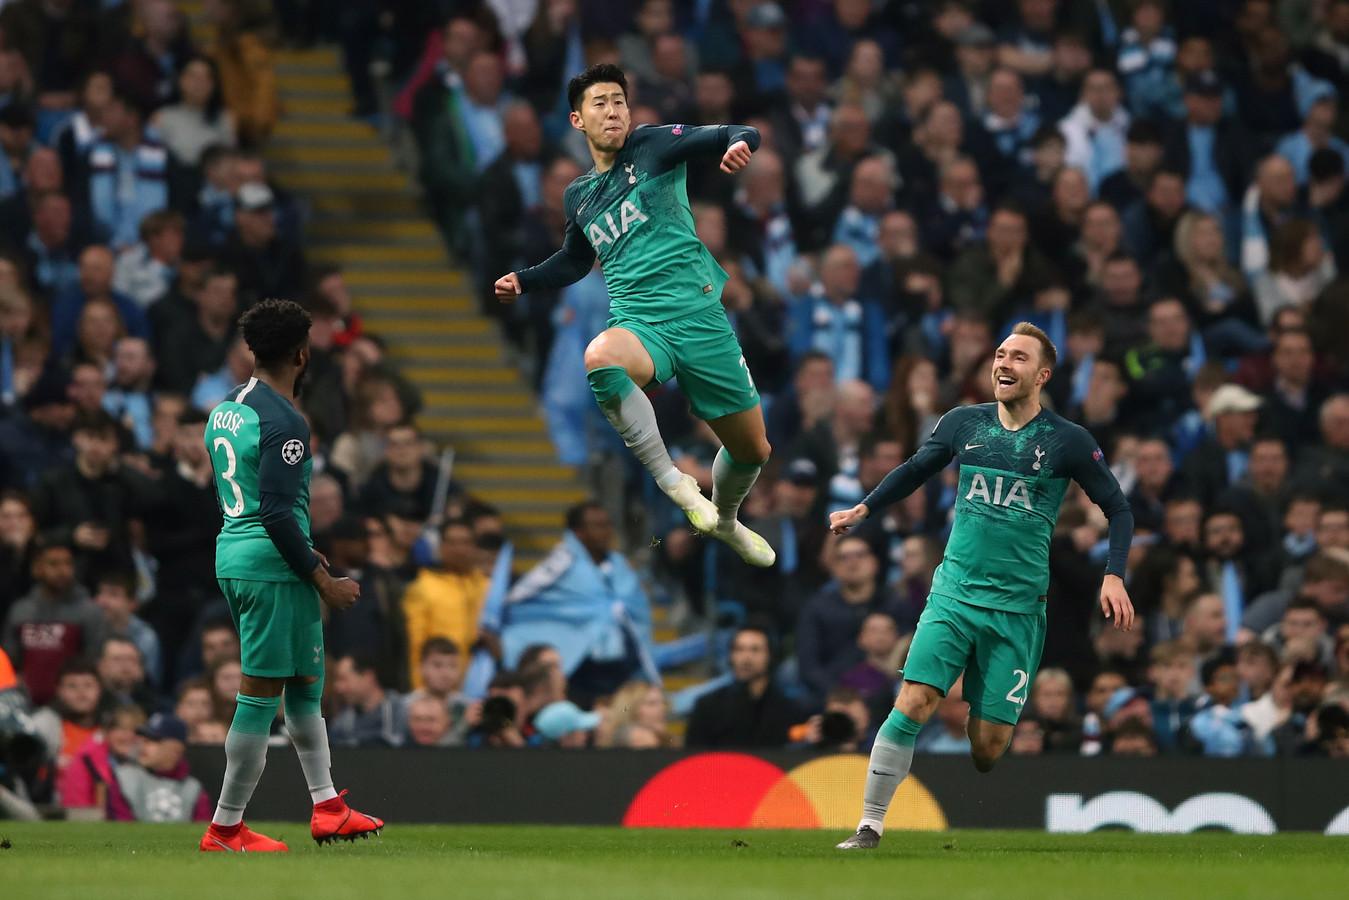 Heung-min Son maakt de 1-2 in Manchester. De Zuid-Koreaan zou later geel krijgen, waardoor hij in het eerste duel met Ajax is geschorst.